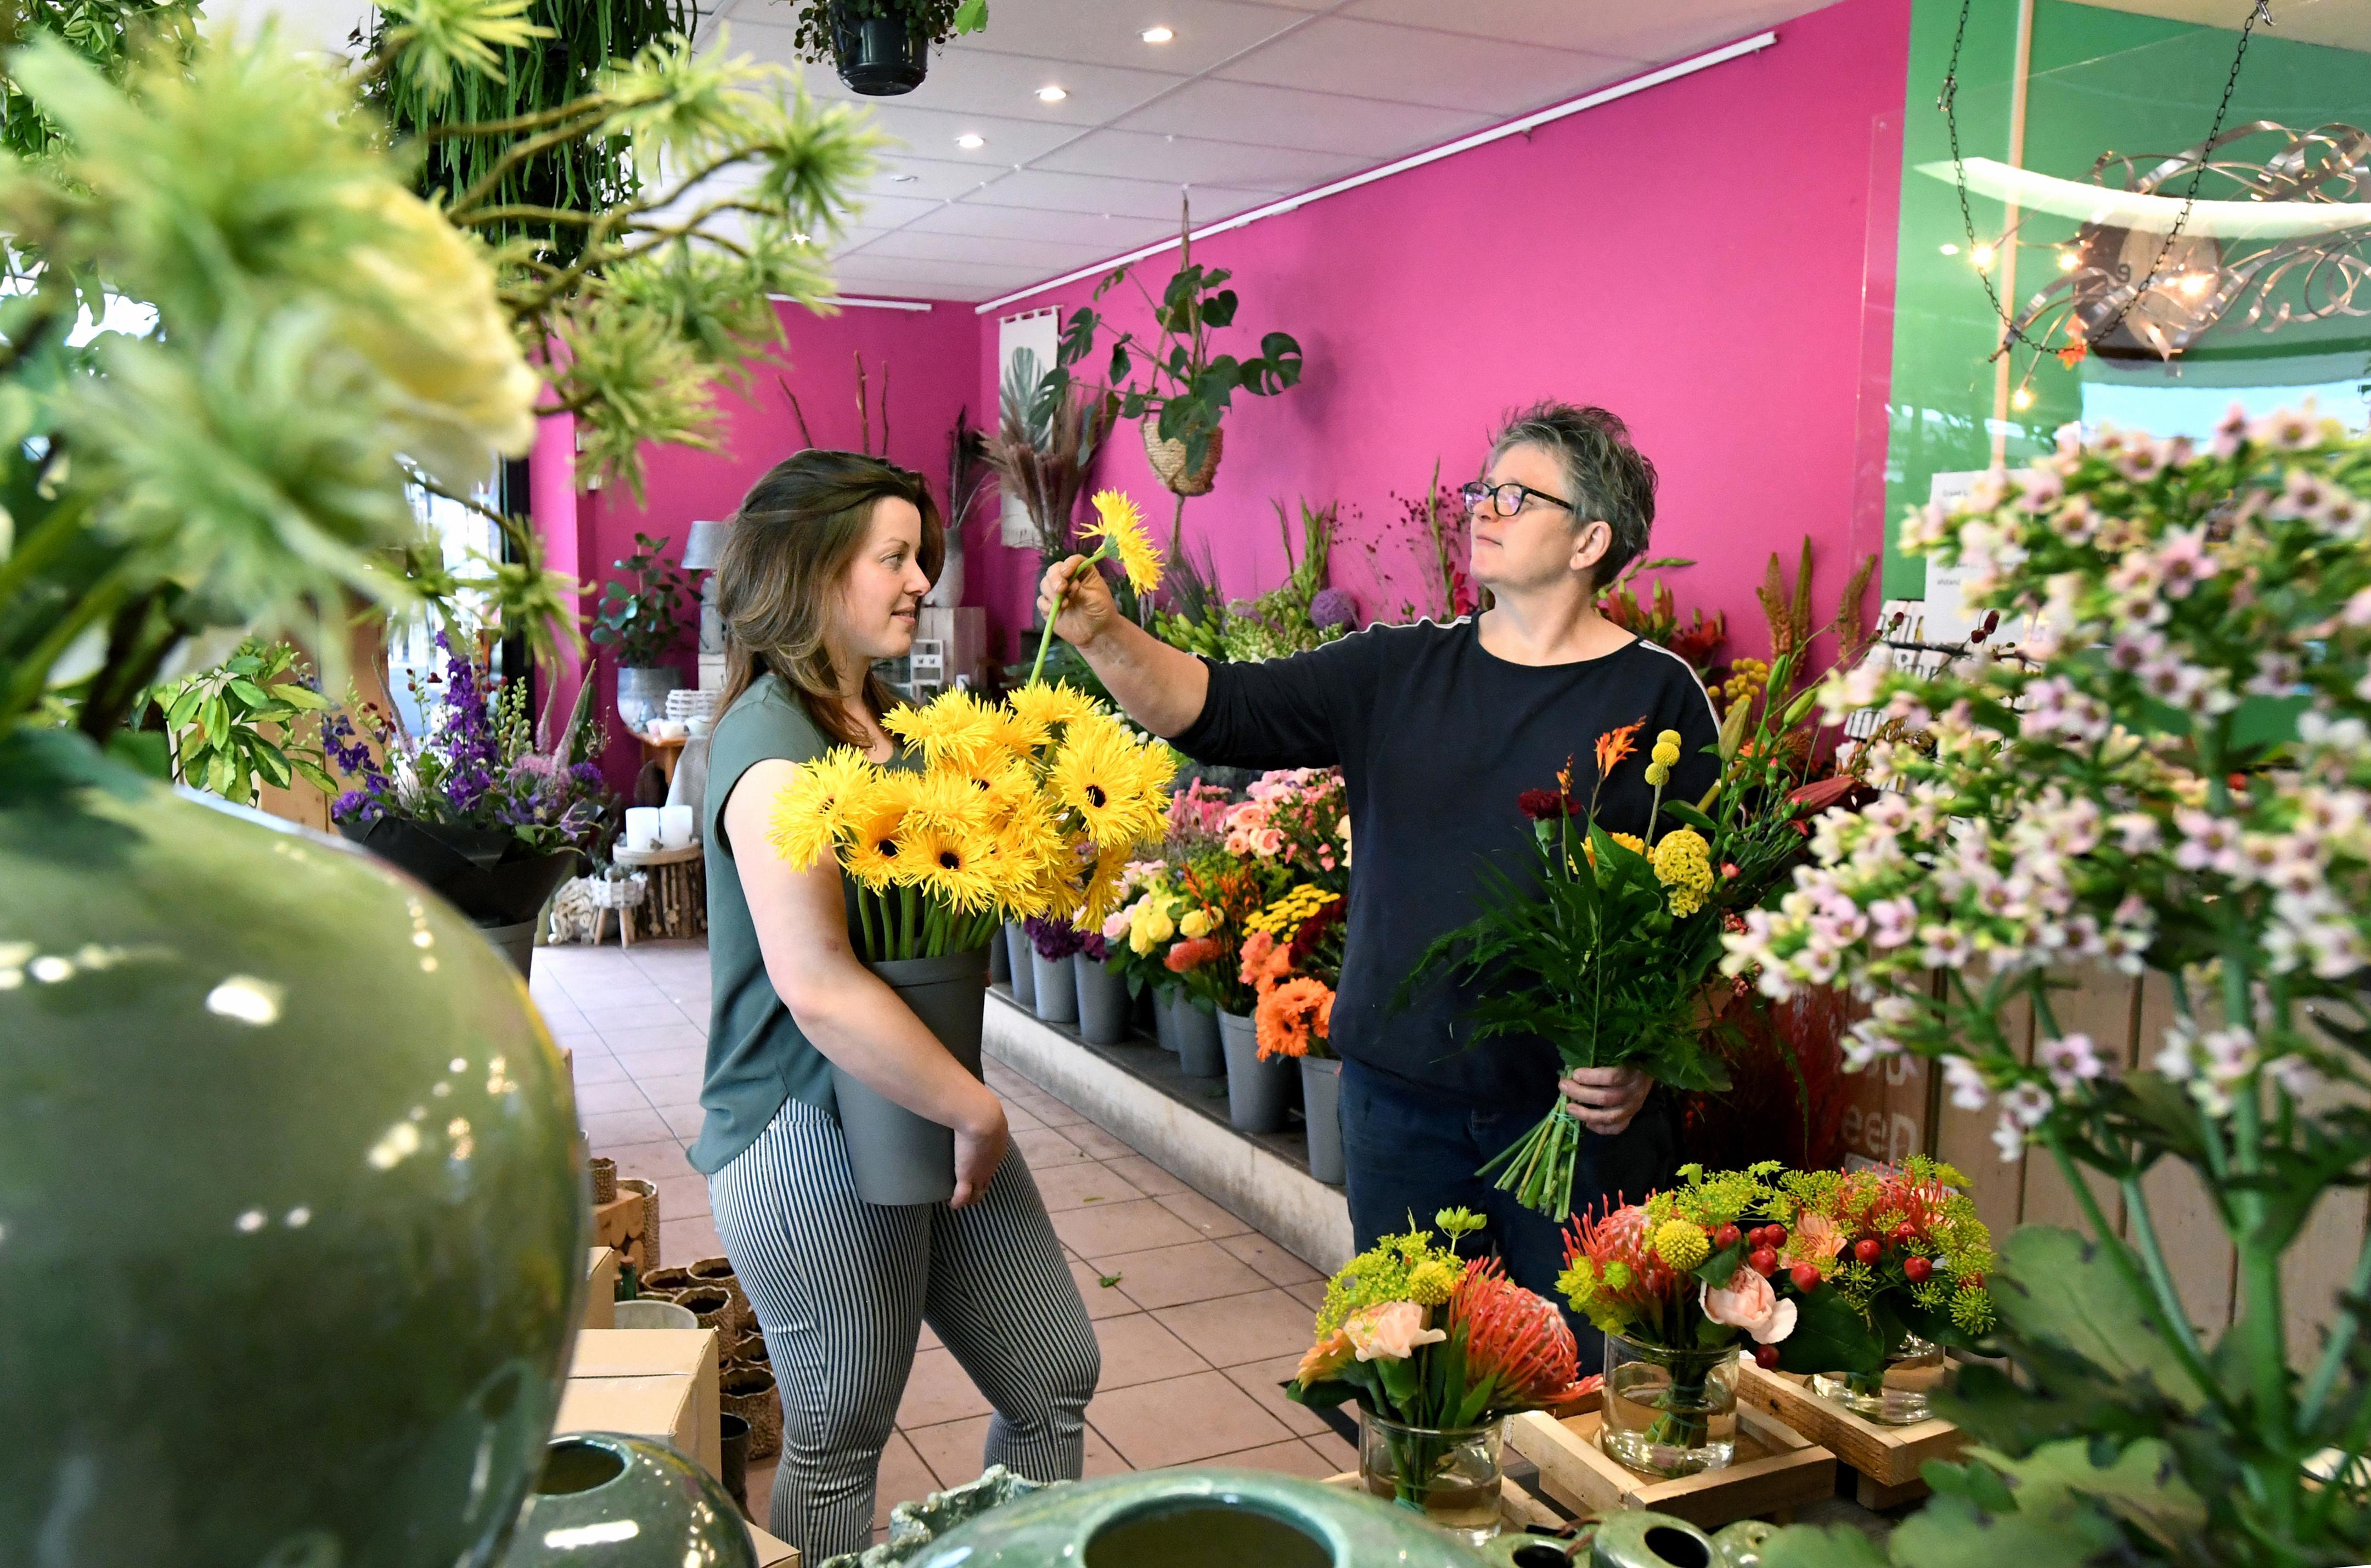 Klanten leggen in coronatijd grif geld neer voor bloemen: 'Ik durf bijna niet hardop te zeggen dat het deze maanden uitstekend ging'